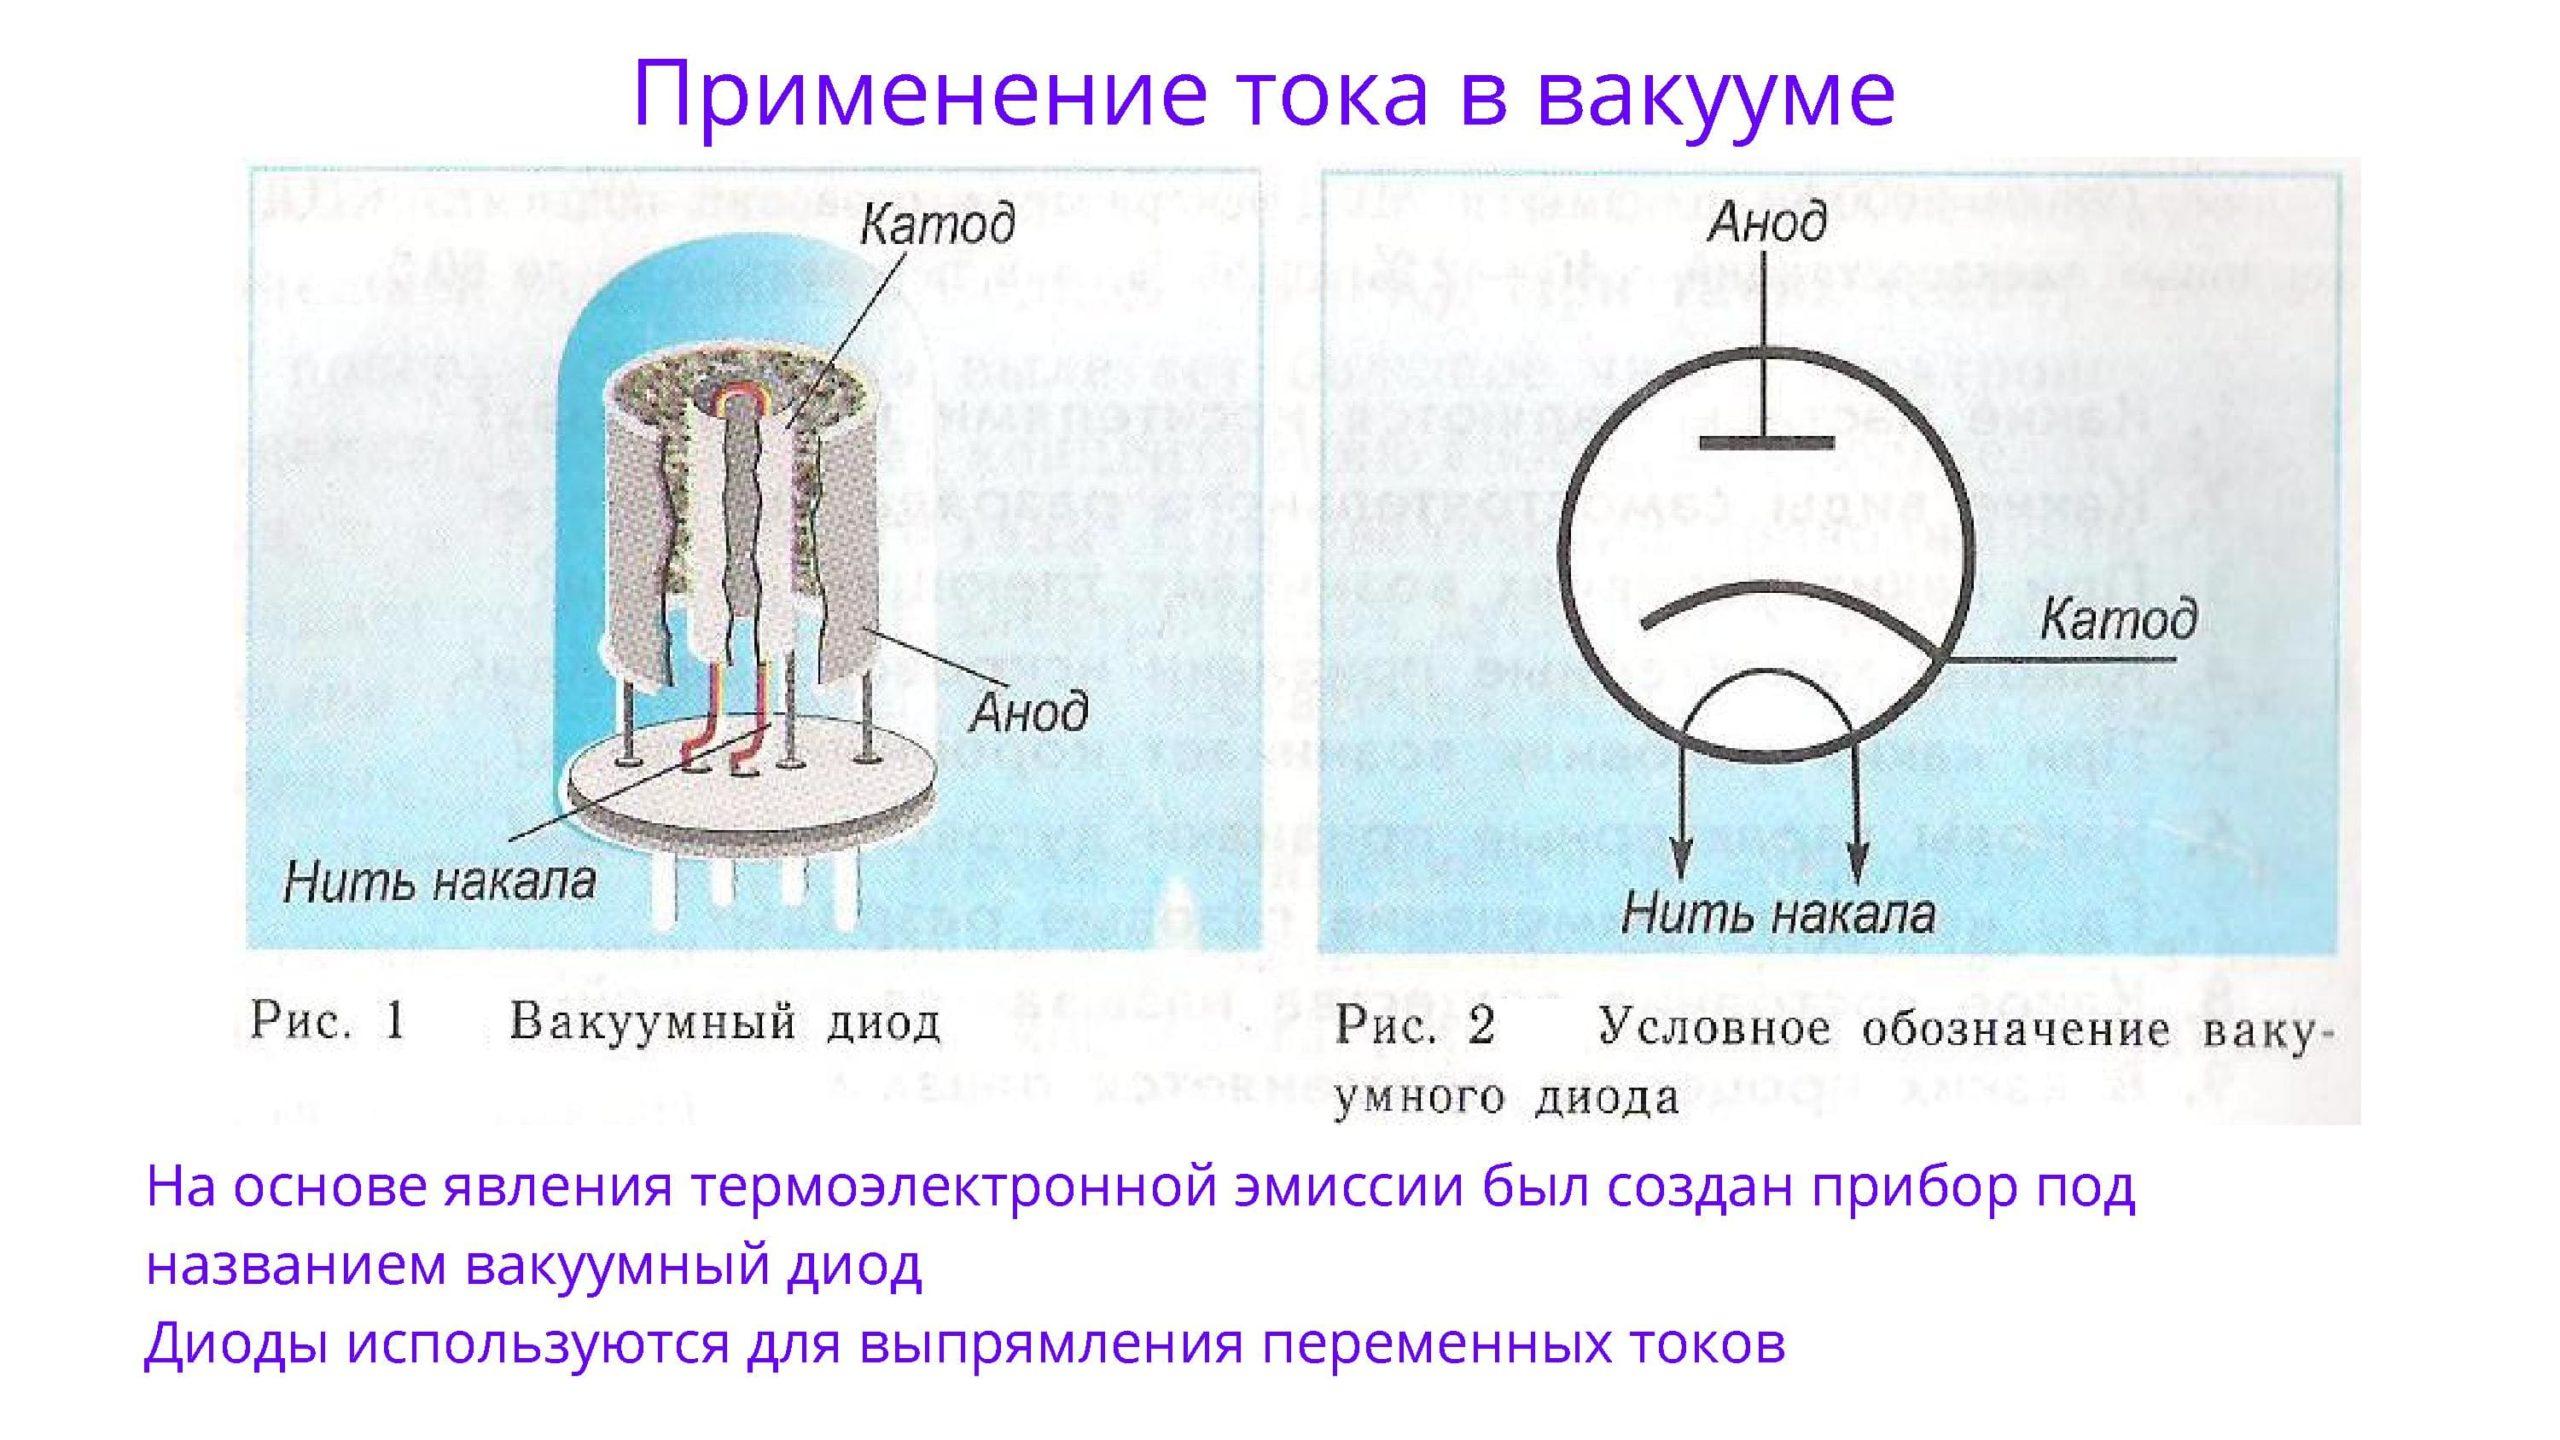 Применение тока в вакууме